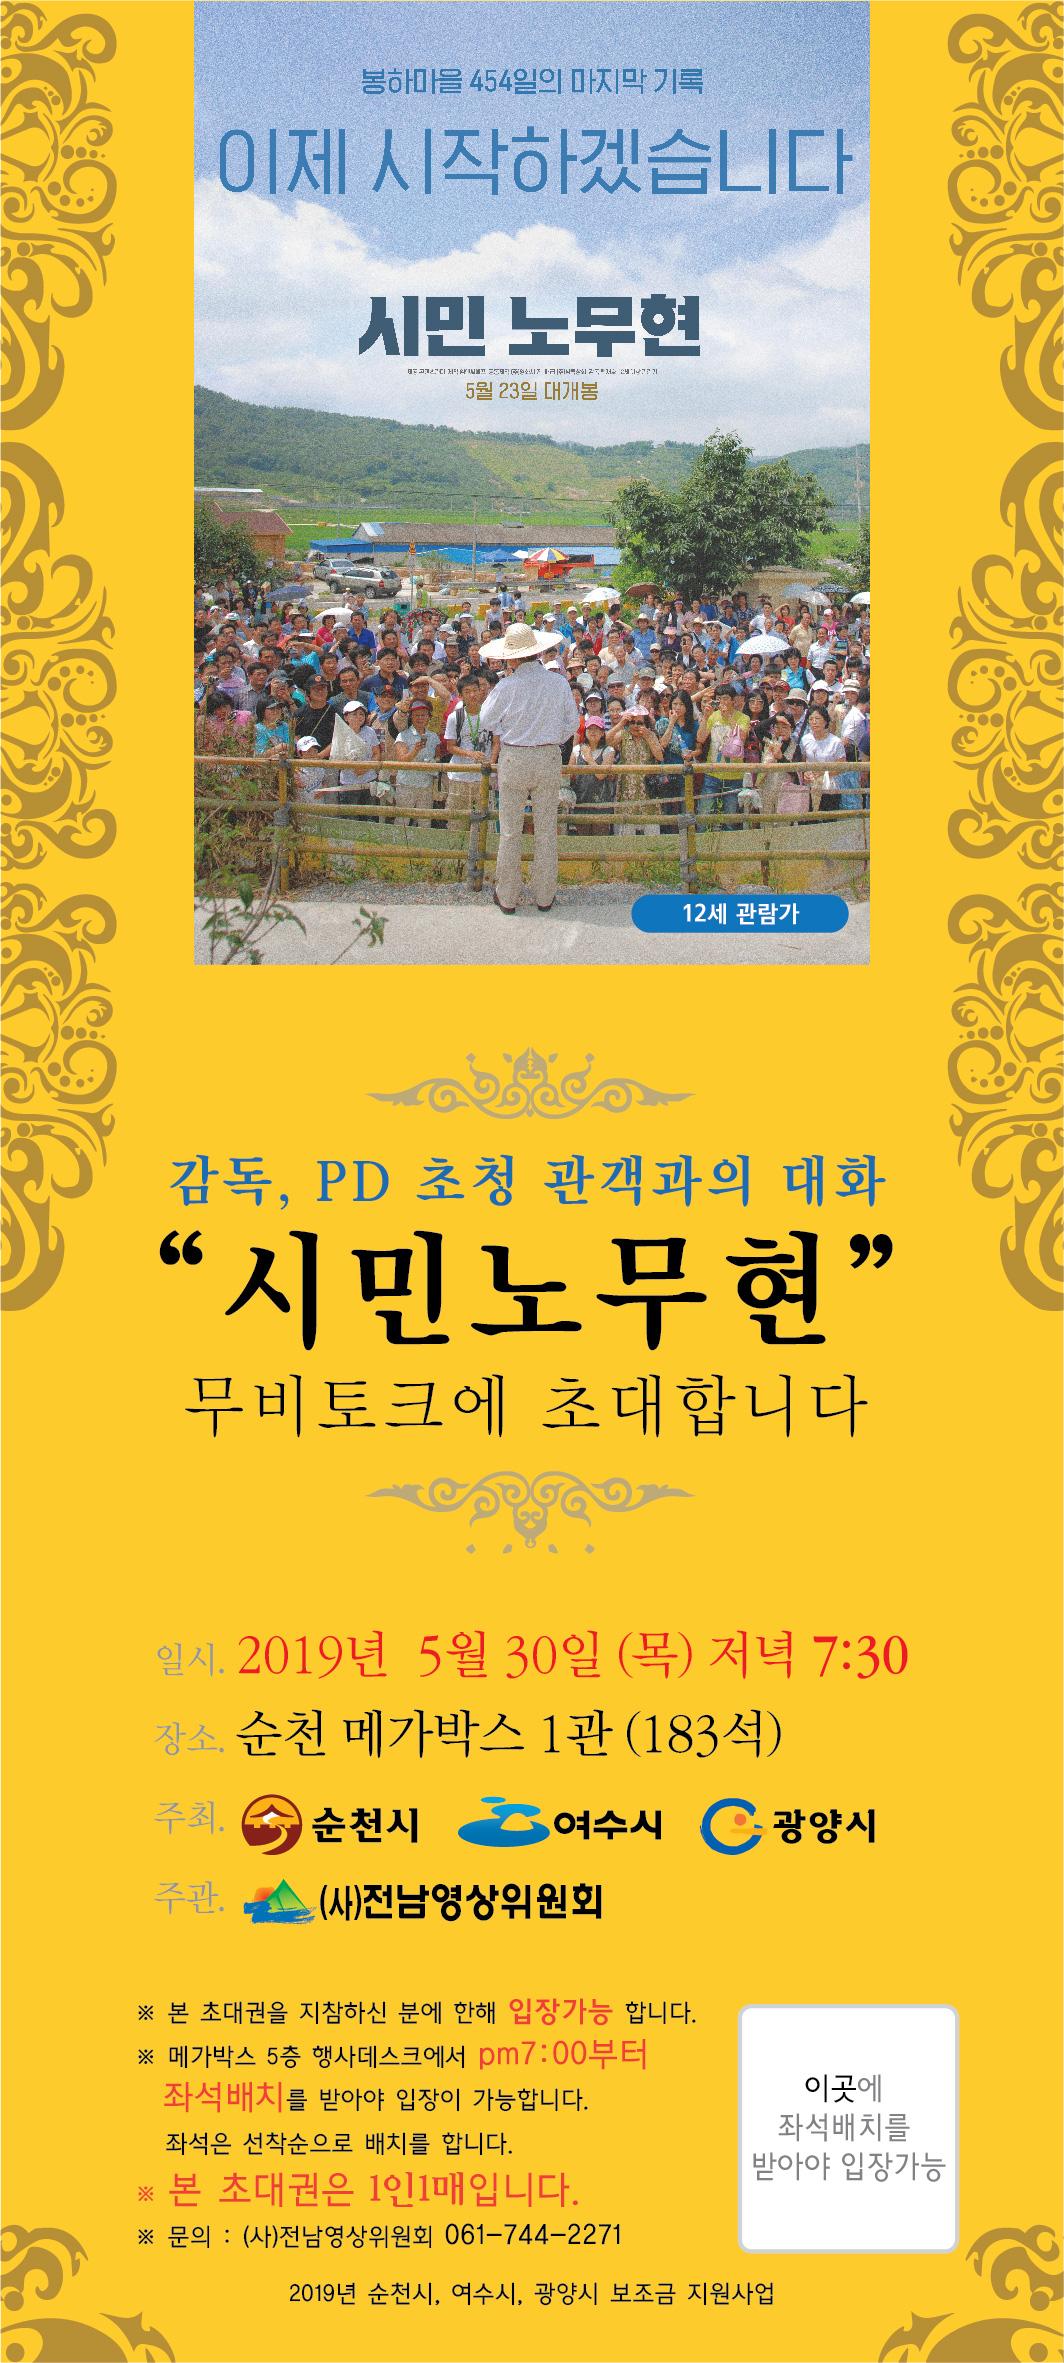 [공지] 영화 '시민 노무현' 무비토크